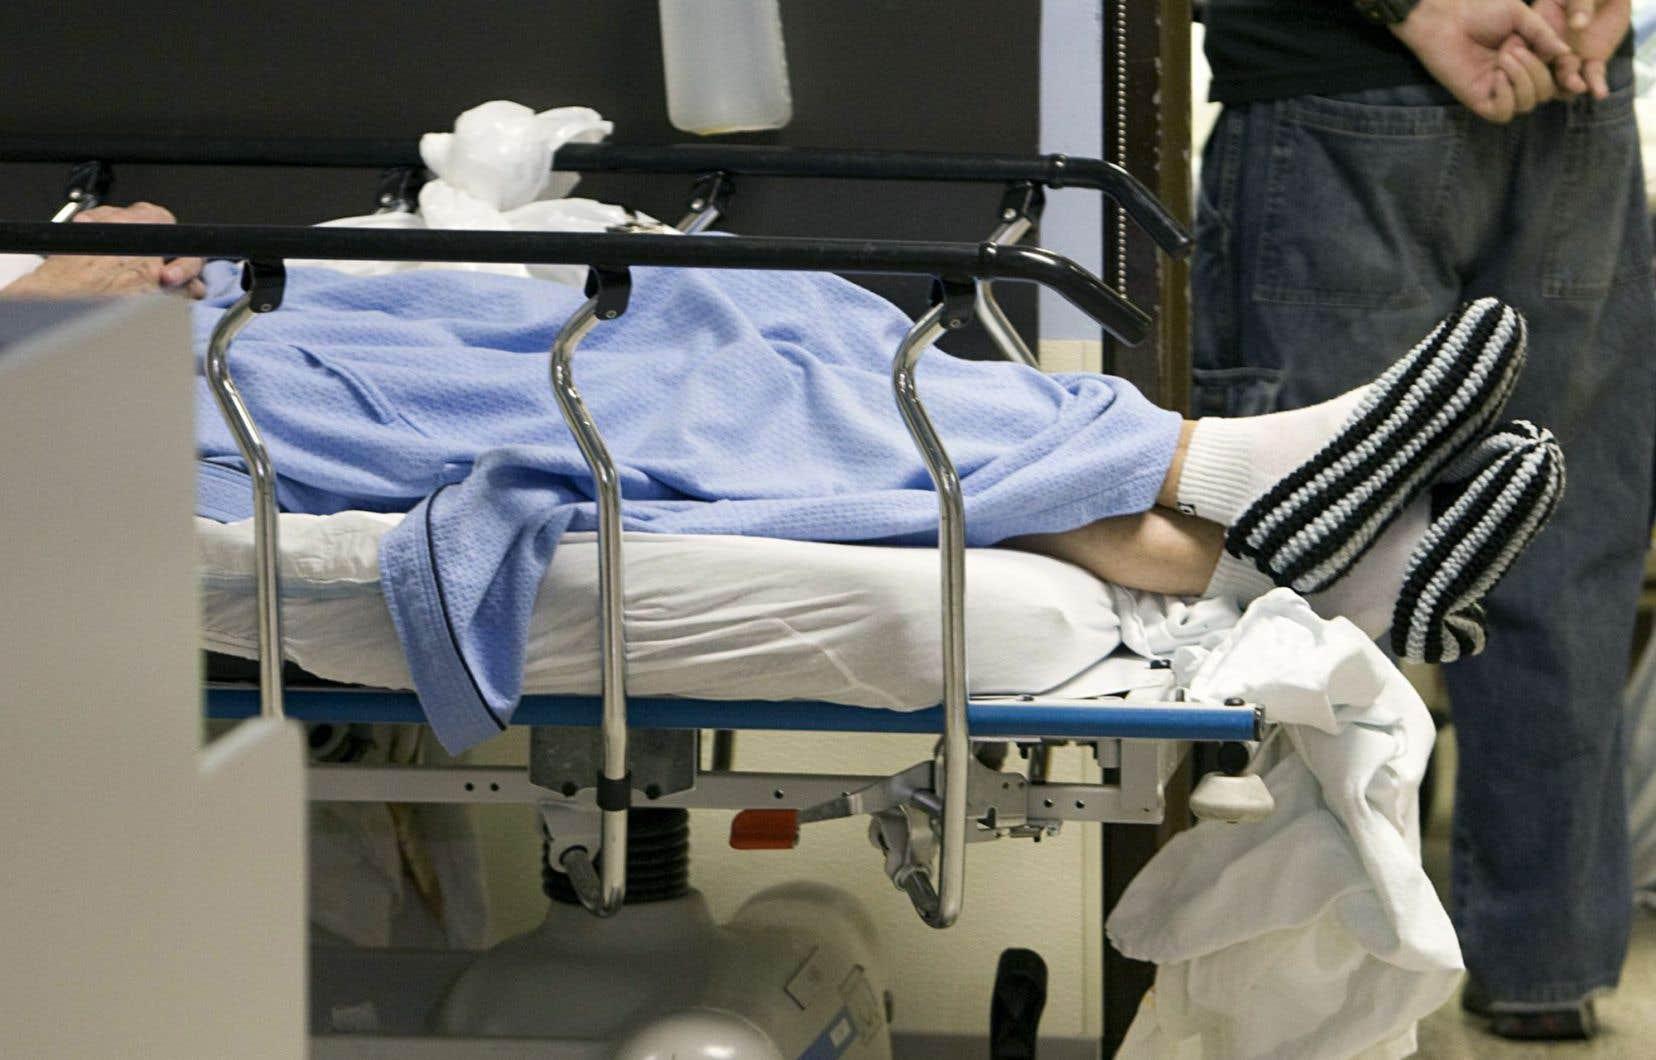 Les chercheurs ont observé que chaque débordement équivalant à 10 % de la capacité d'accueil faisait grimper de 3 % la mortalité chez les patients admis.